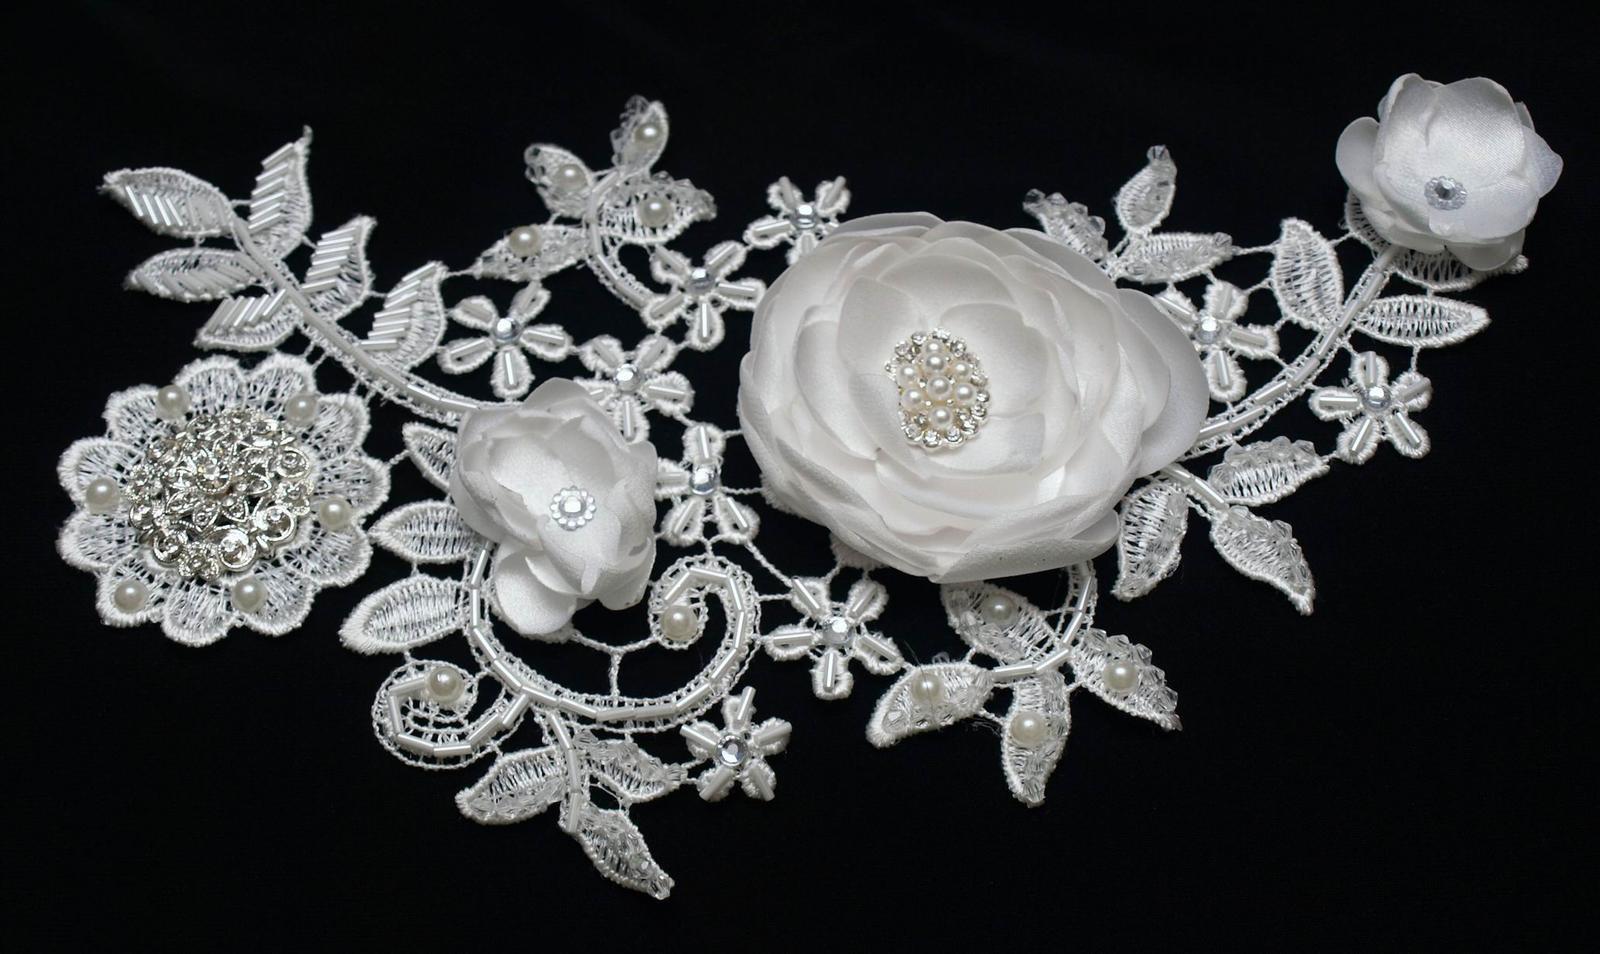 Darovať originál - Nádherný krajkový hrebienok vhodný pre nevesty miesto závoja, družičky alebo na slávnostné príležitosti